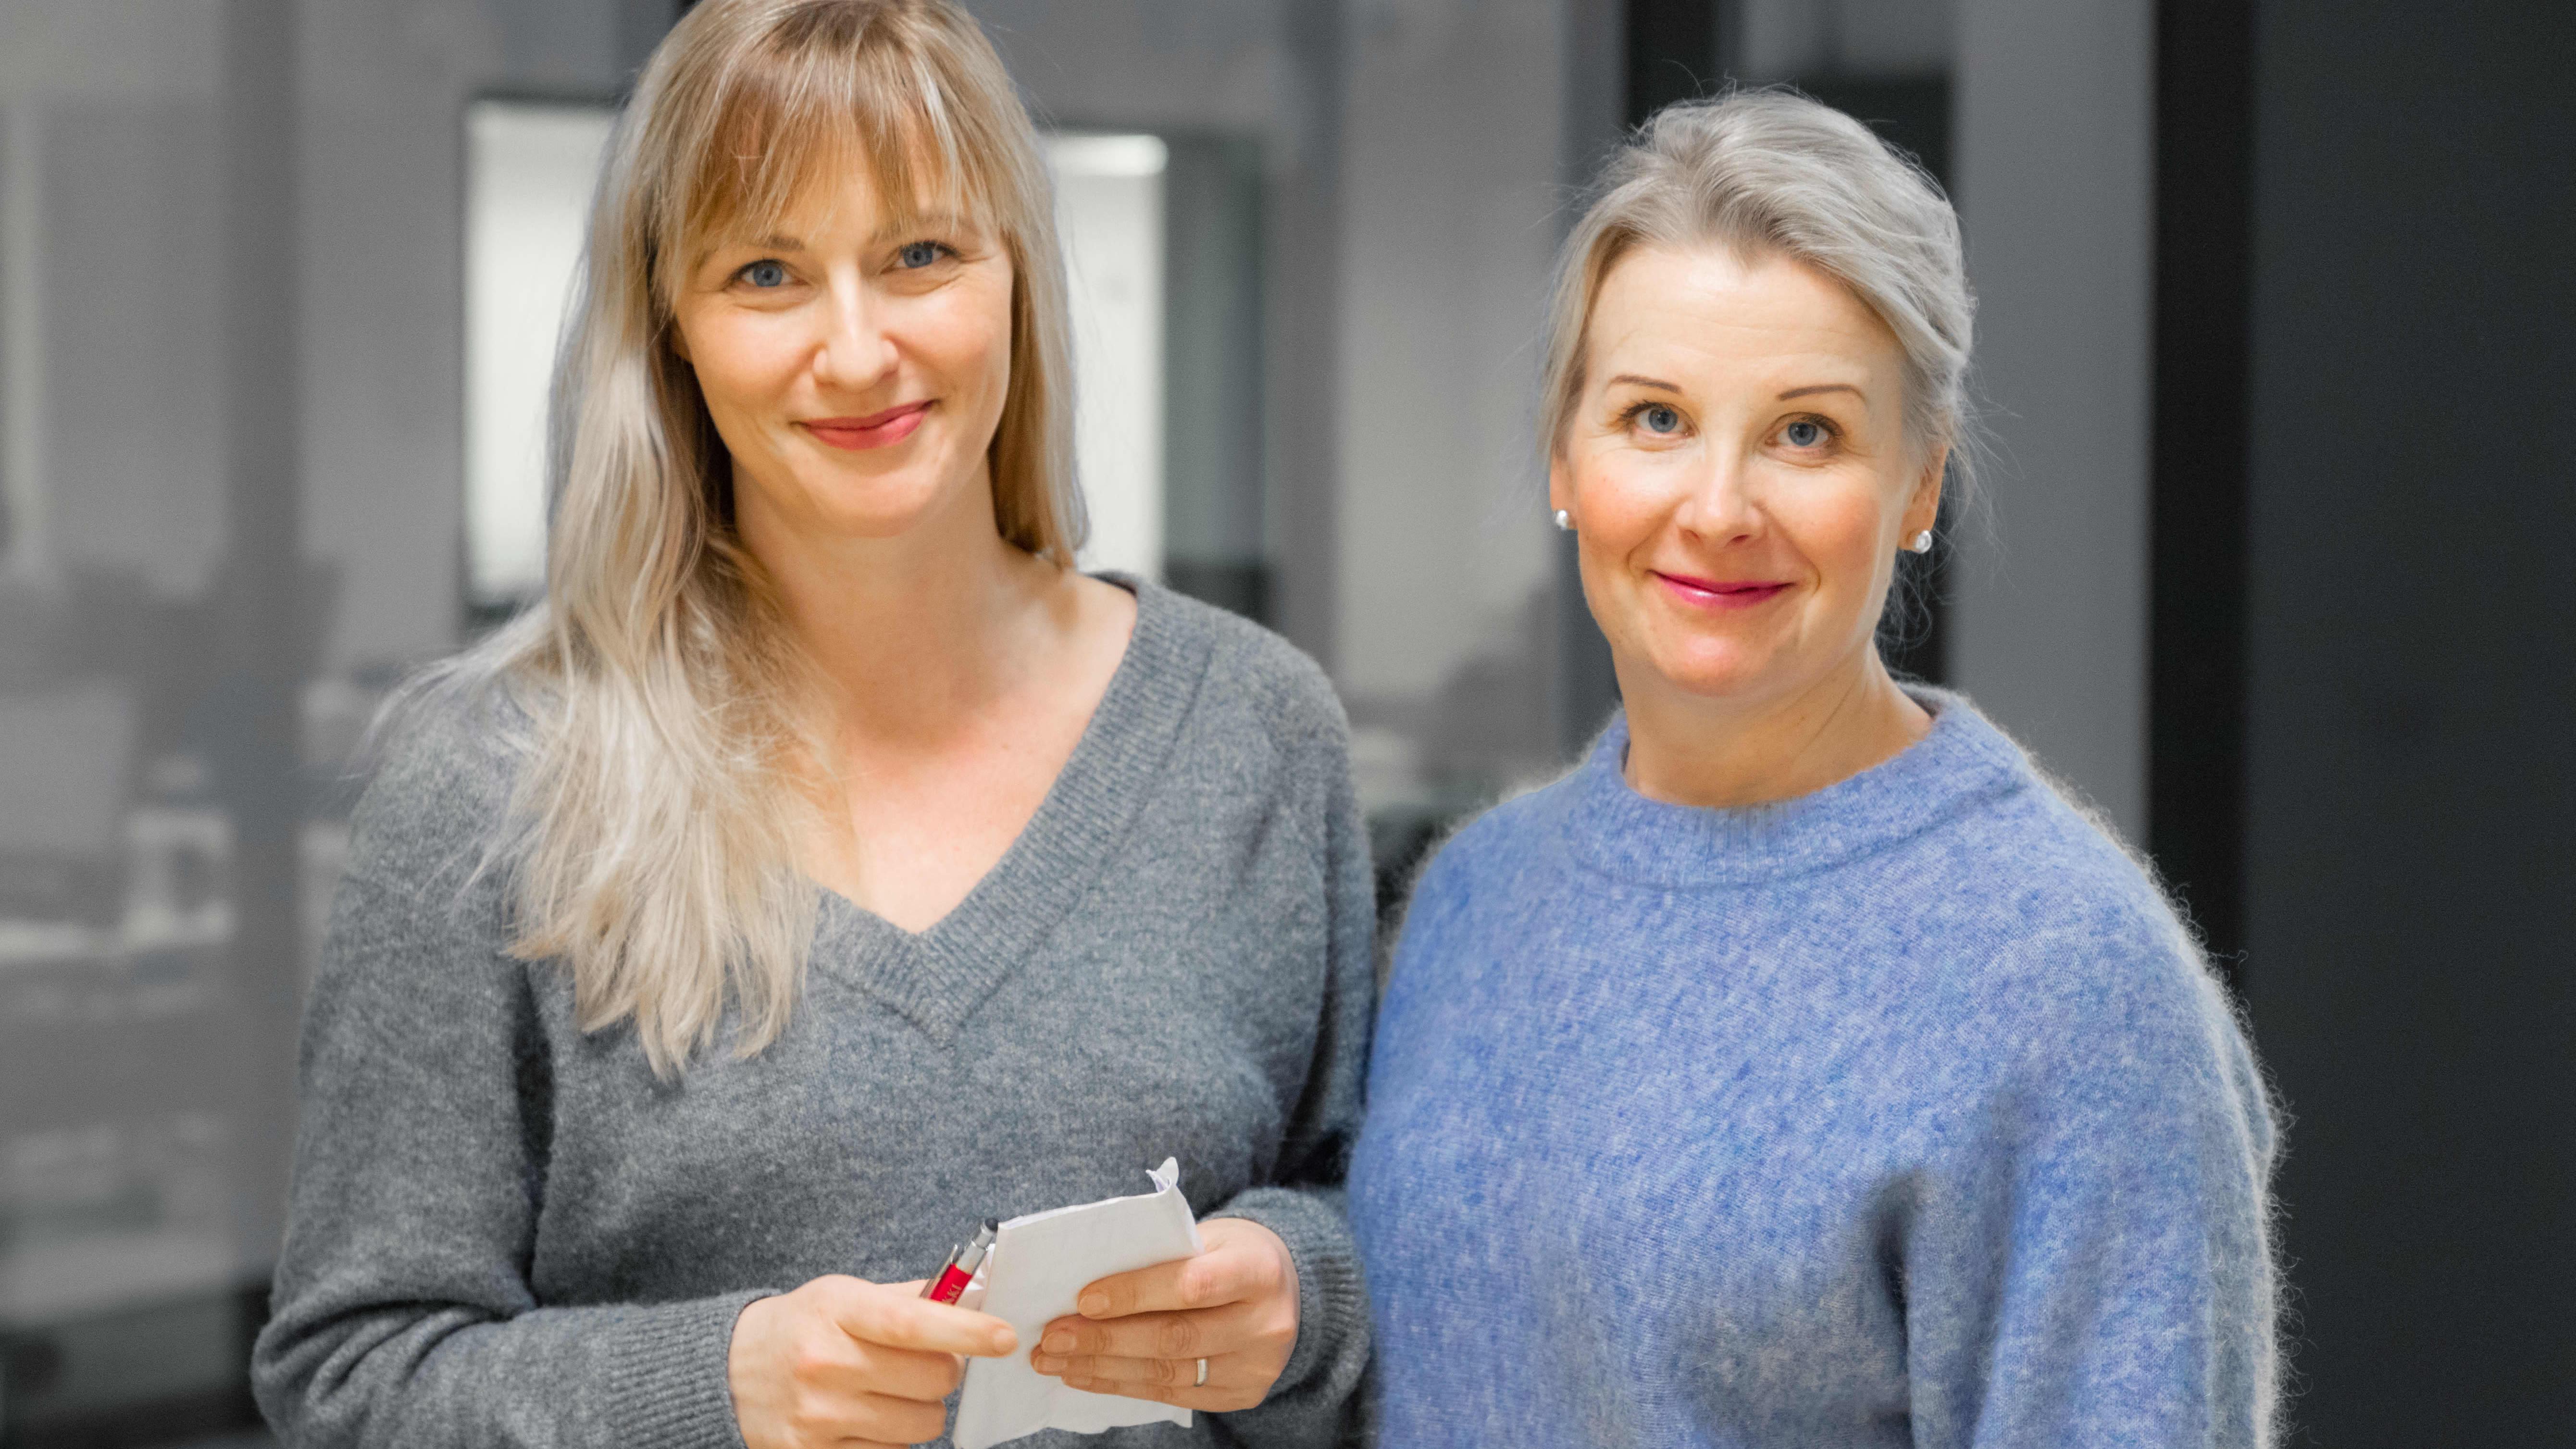 isorintaiset naiset etsii miestä nordland norjalaiset naiset etsii seksiseuraa lahti